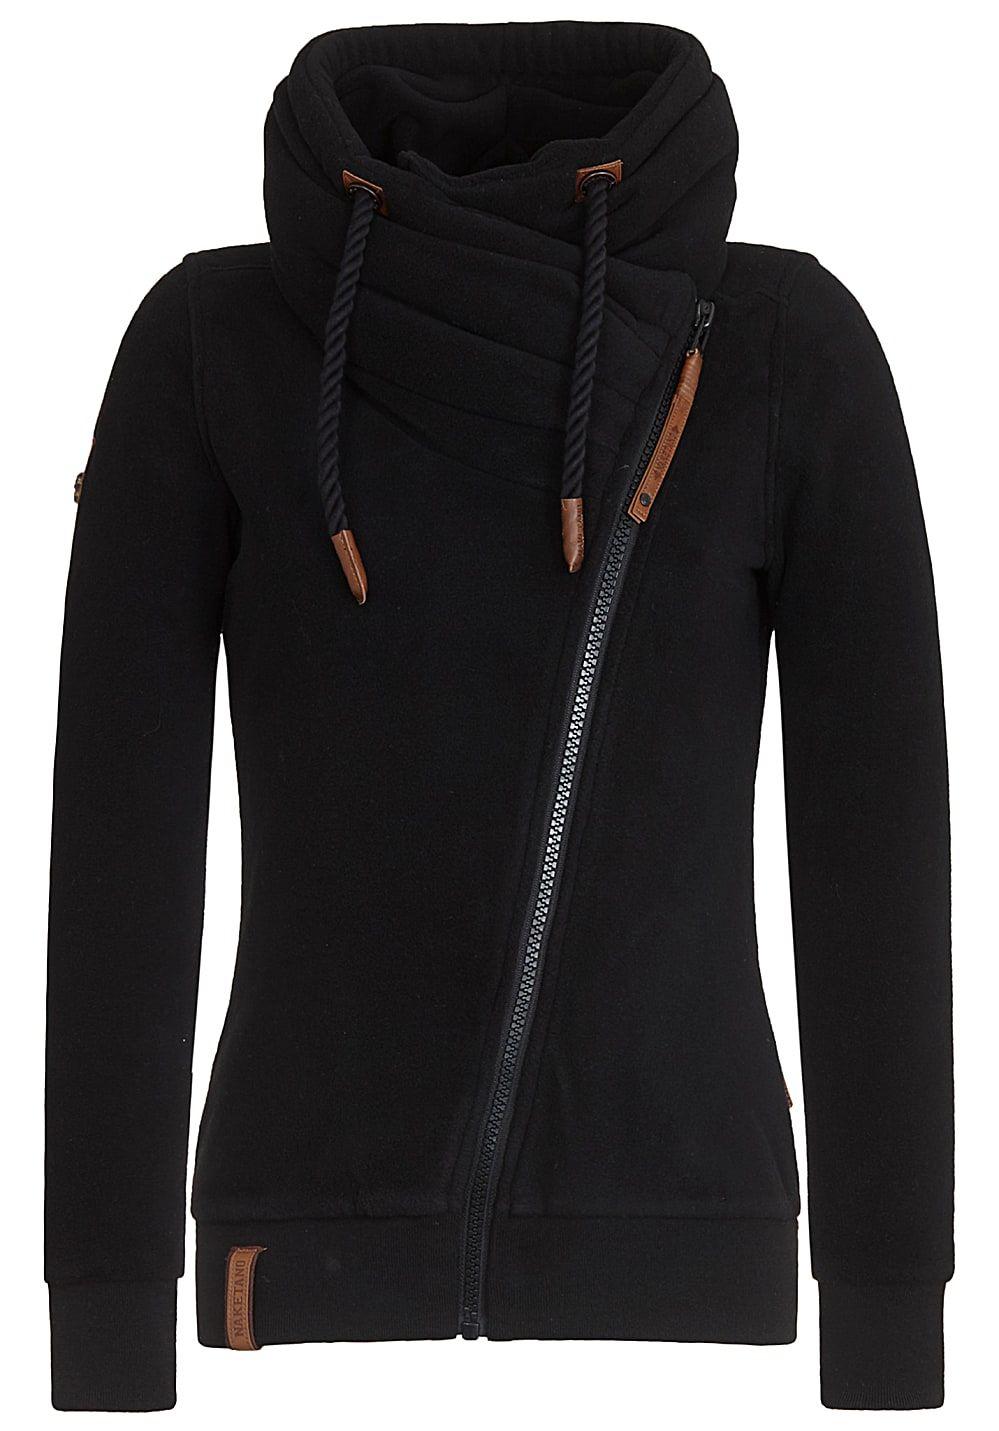 NAKETANO Jüberagend Streetwear, Kleidung, Sport